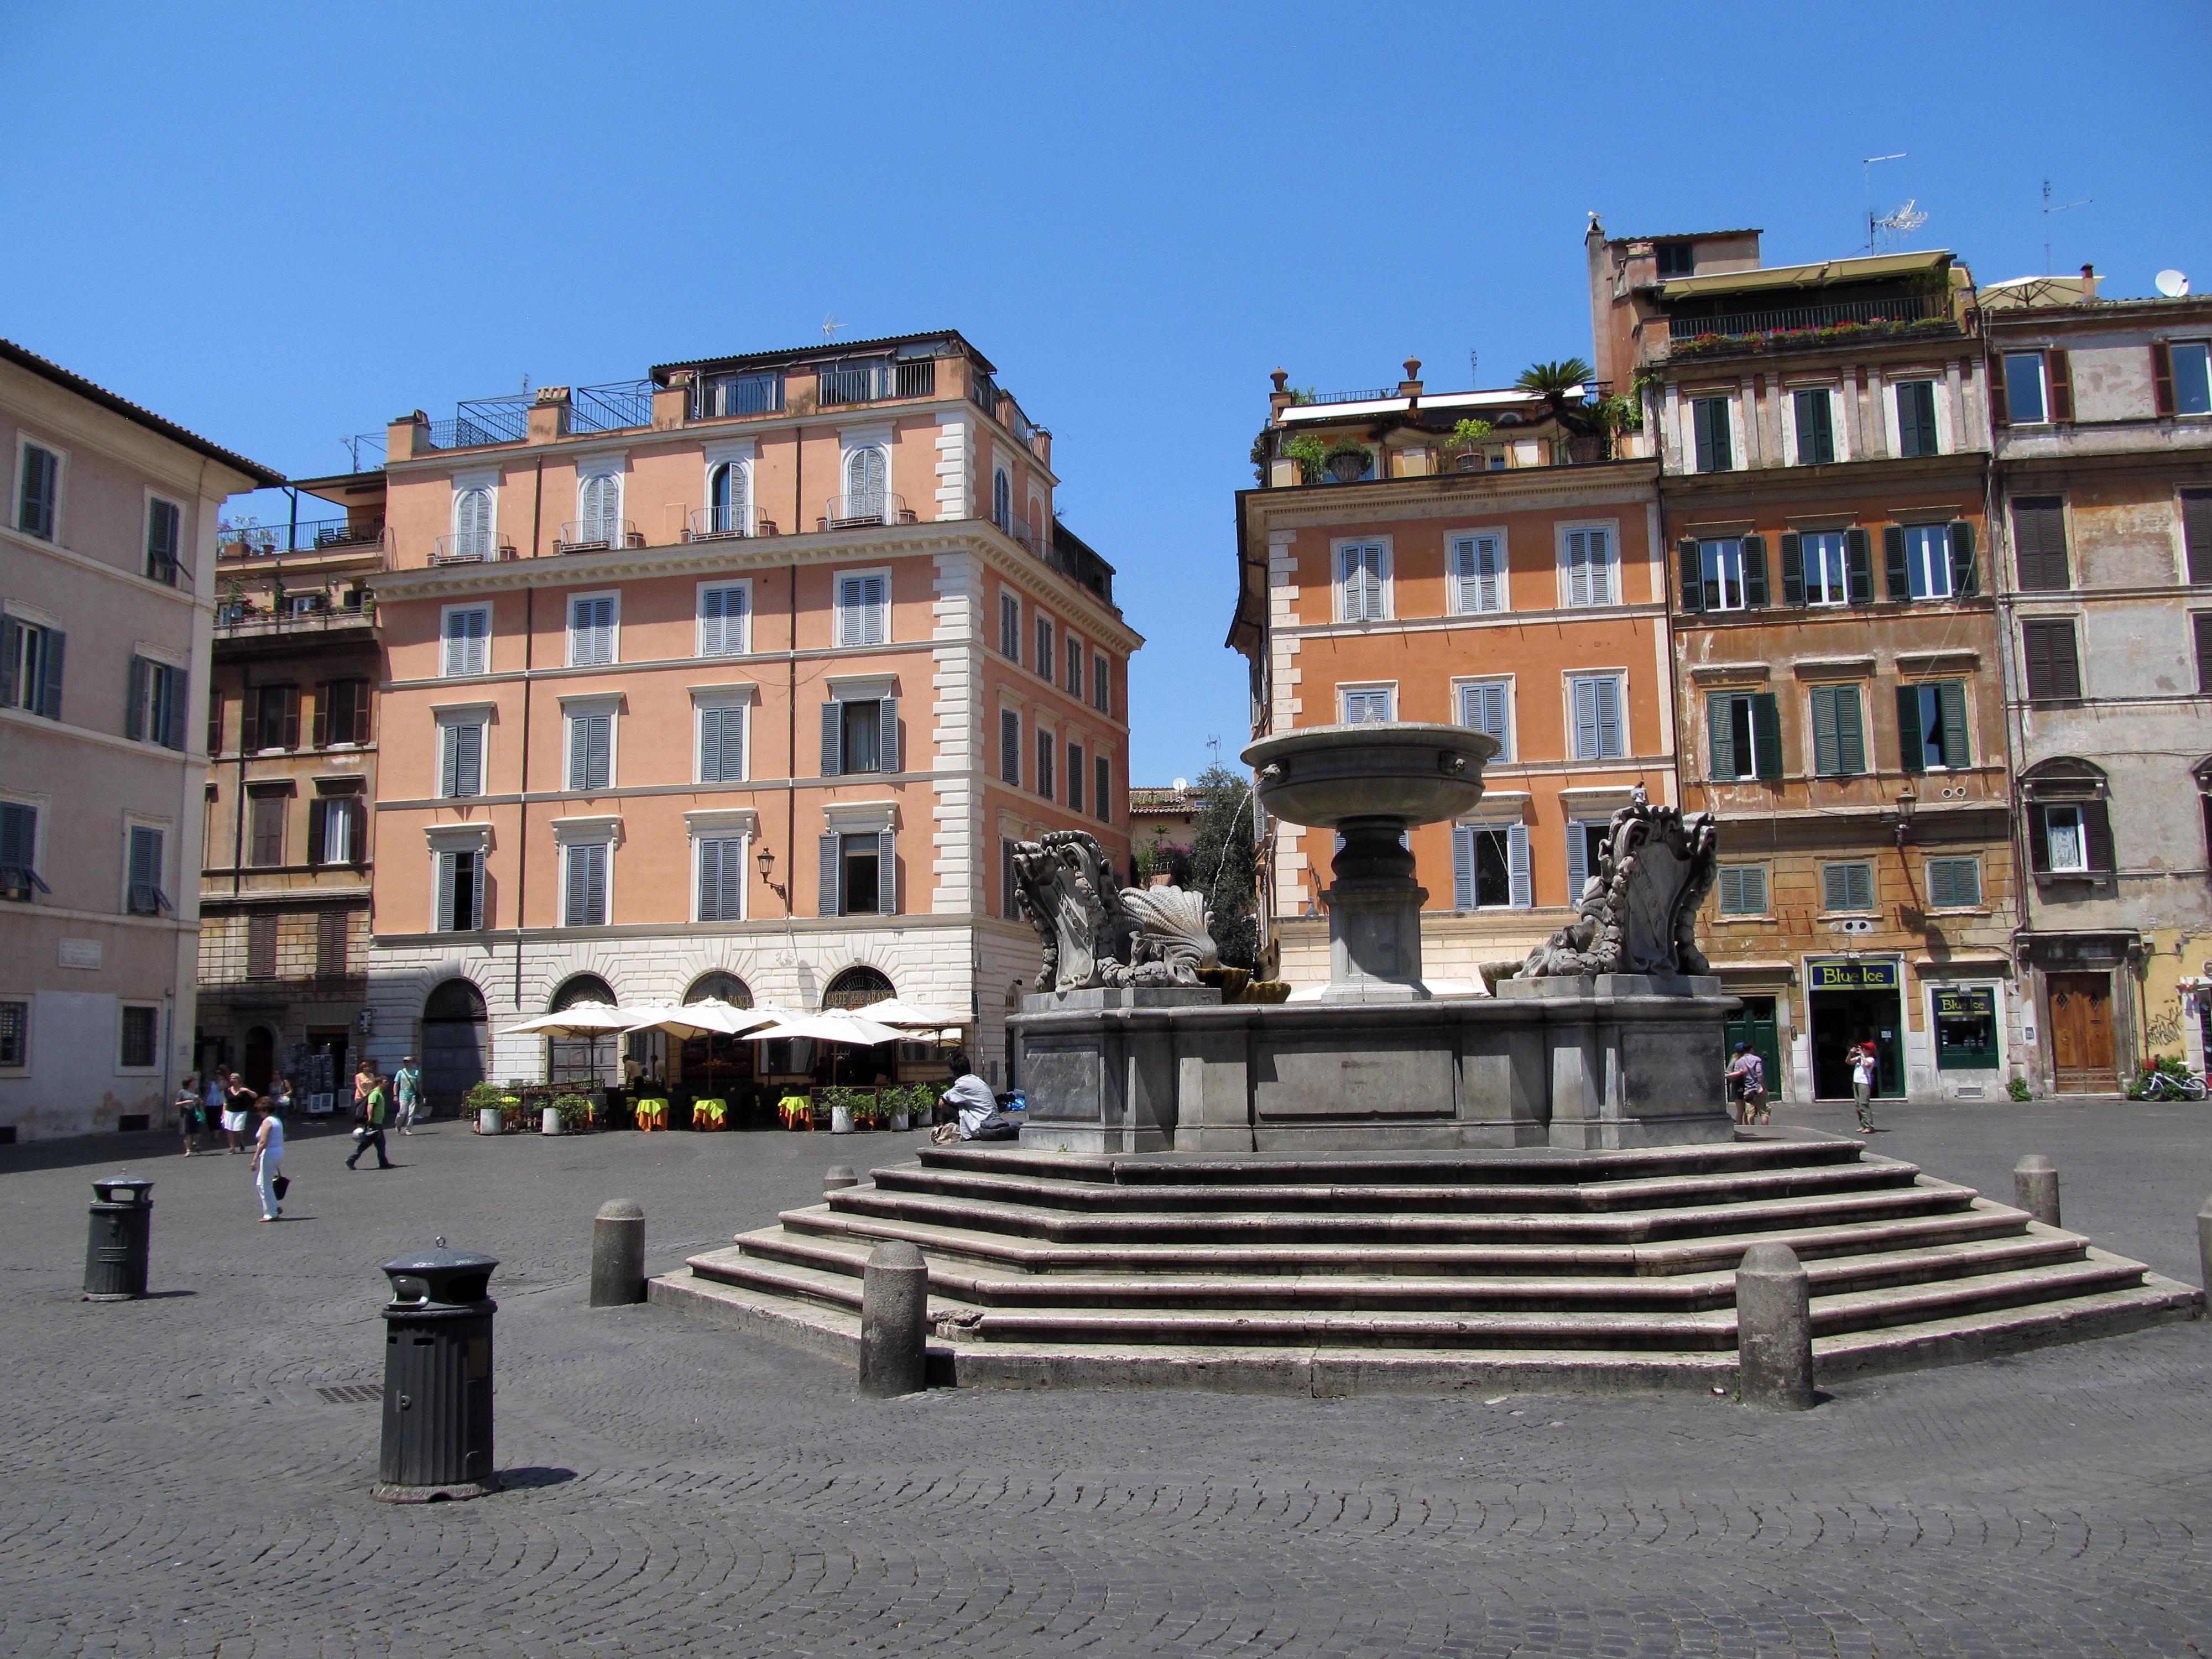 Piazza_di_Santa_Maria_in_Trastevere_2_(1